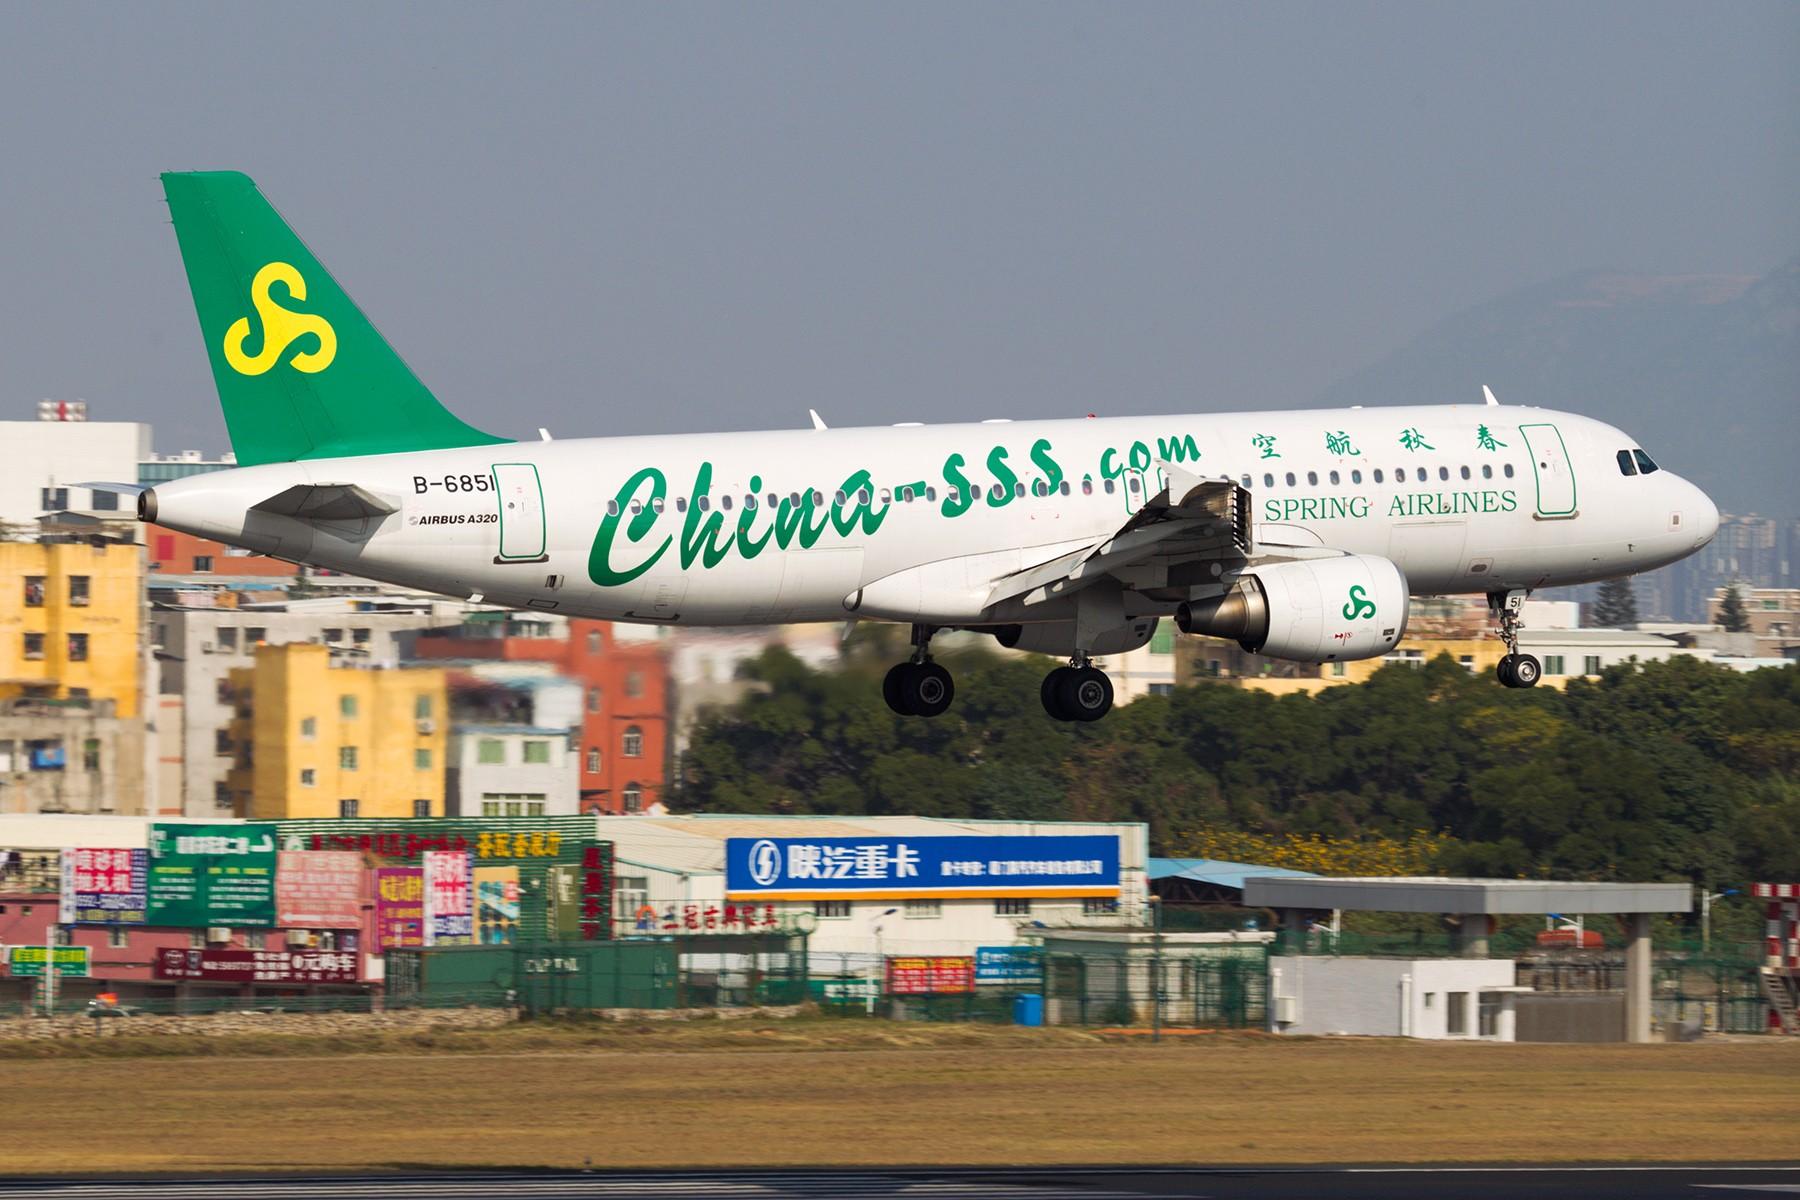 Re:[原创]【BLDDQ】******有阳光、带地景,雾霾奈我何?****** AIRBUS A320-200 B-6851 中国厦门高崎国际机场